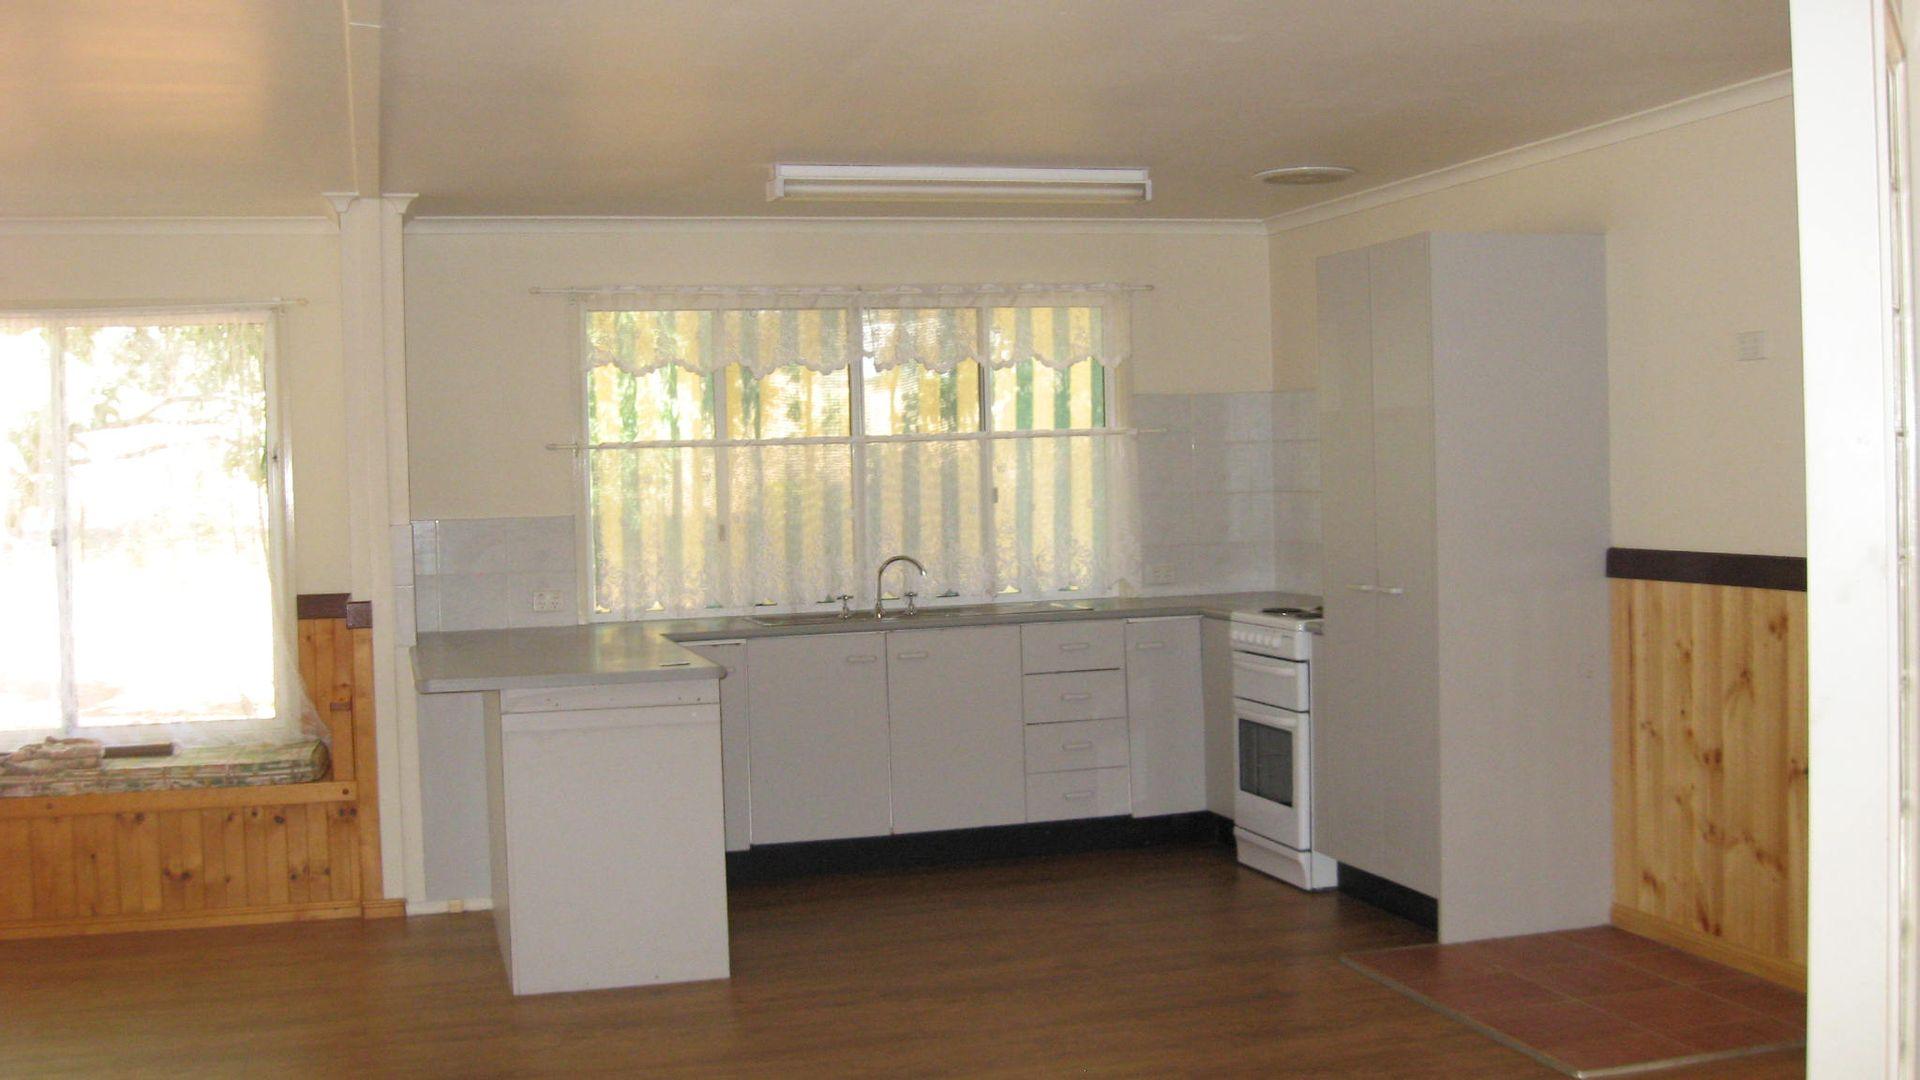 334 Crumpton Drive, Blackbutt QLD 4306, Image 1